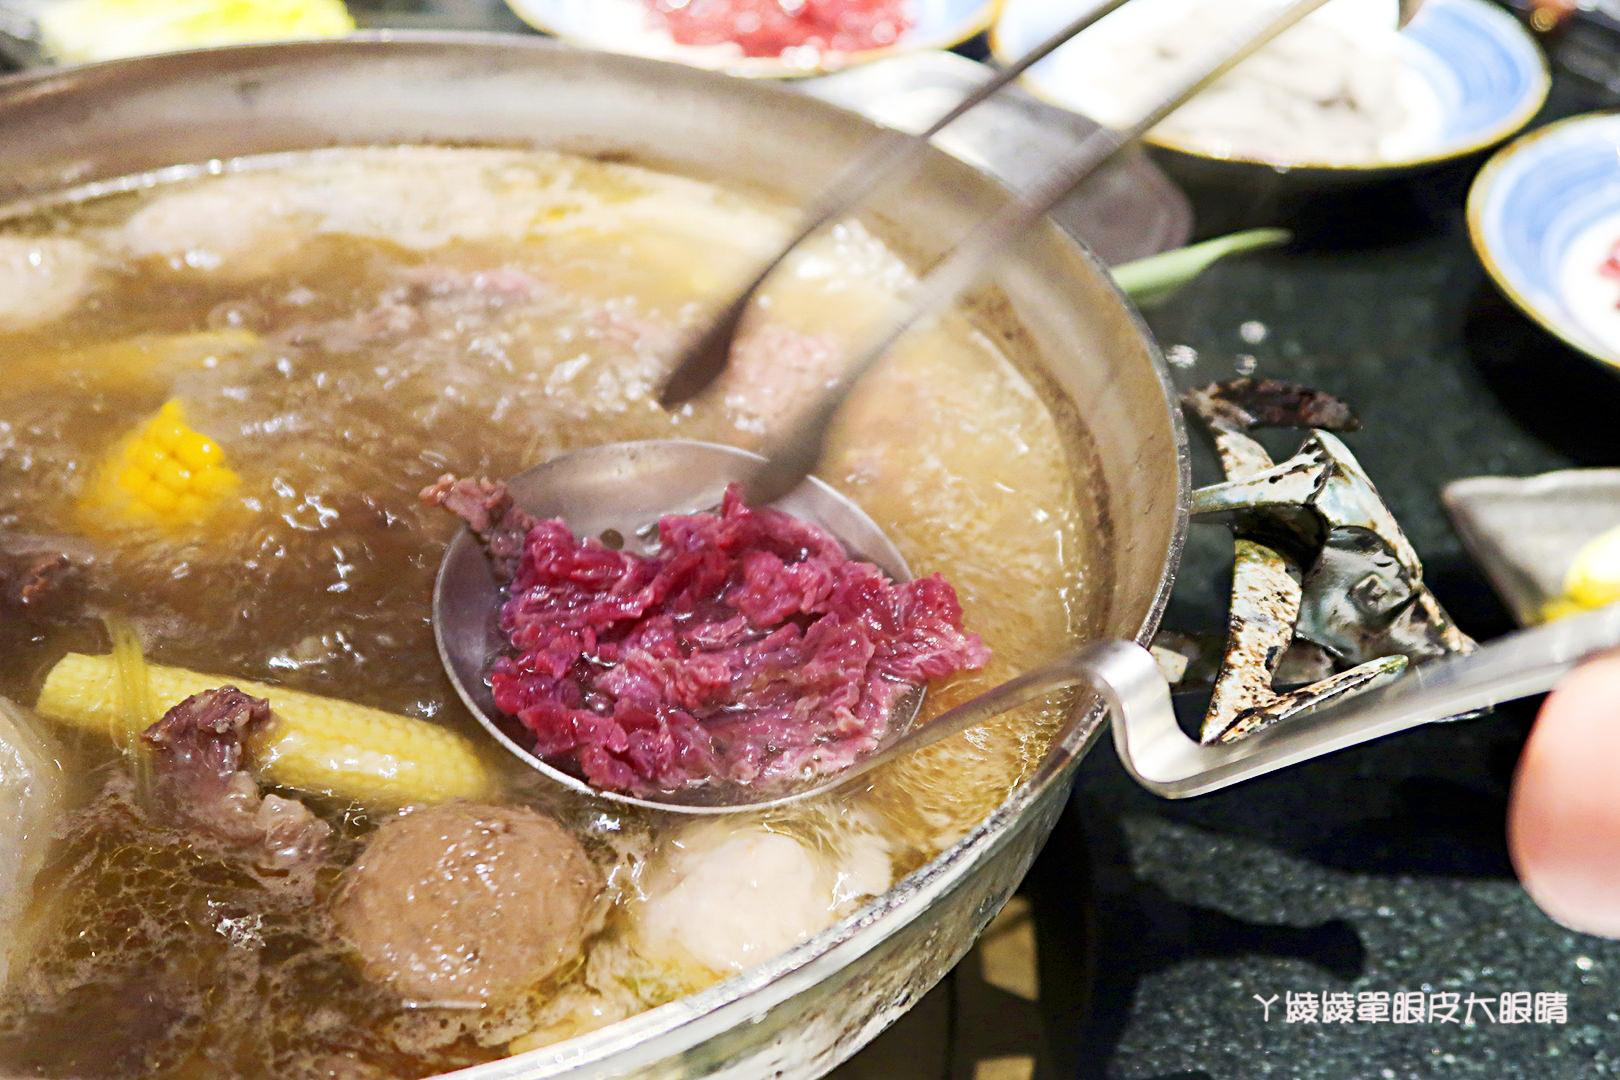 台中溫體牛推薦!非吃不可的溫十八溫體牛火鍋,台南阿裕牛肉湯技術指導